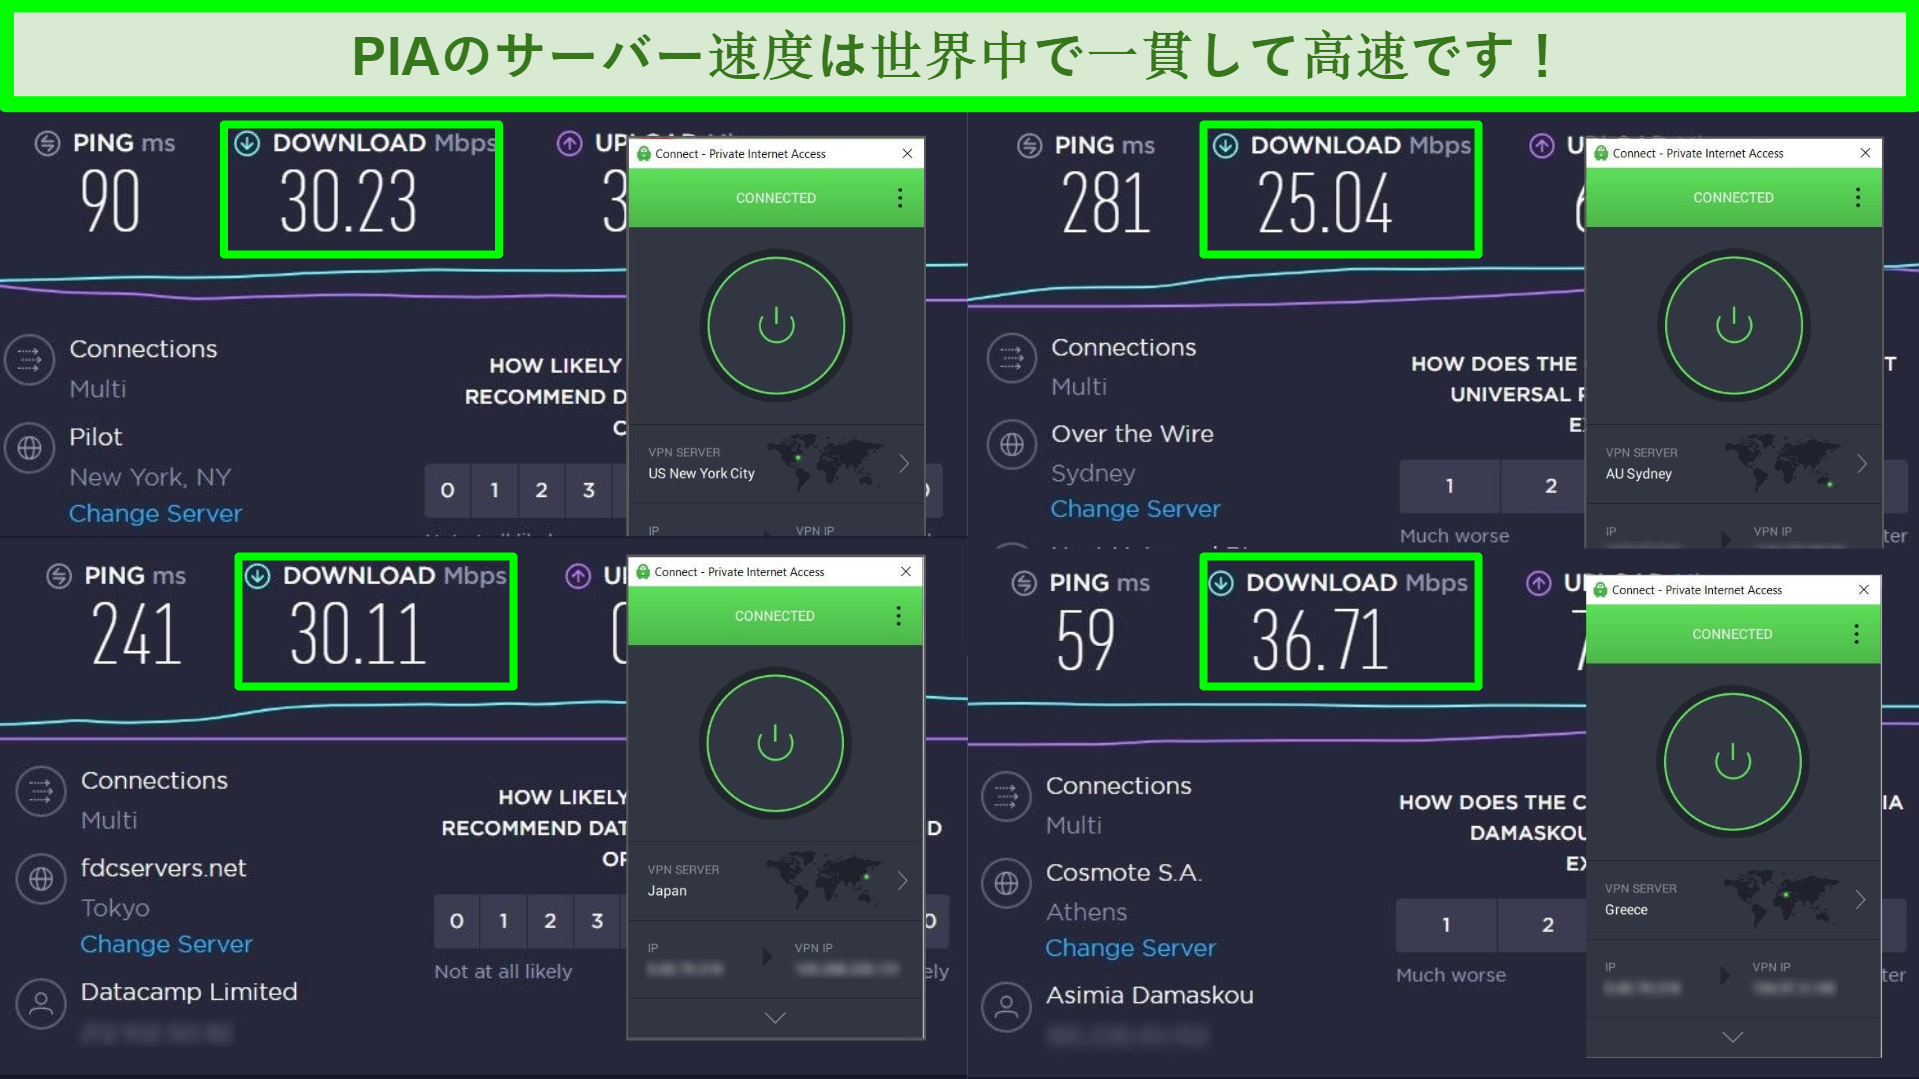 さまざまなグローバルサーバーに接続されたPIAを使用したOokla速度テストのスクリーンショット。